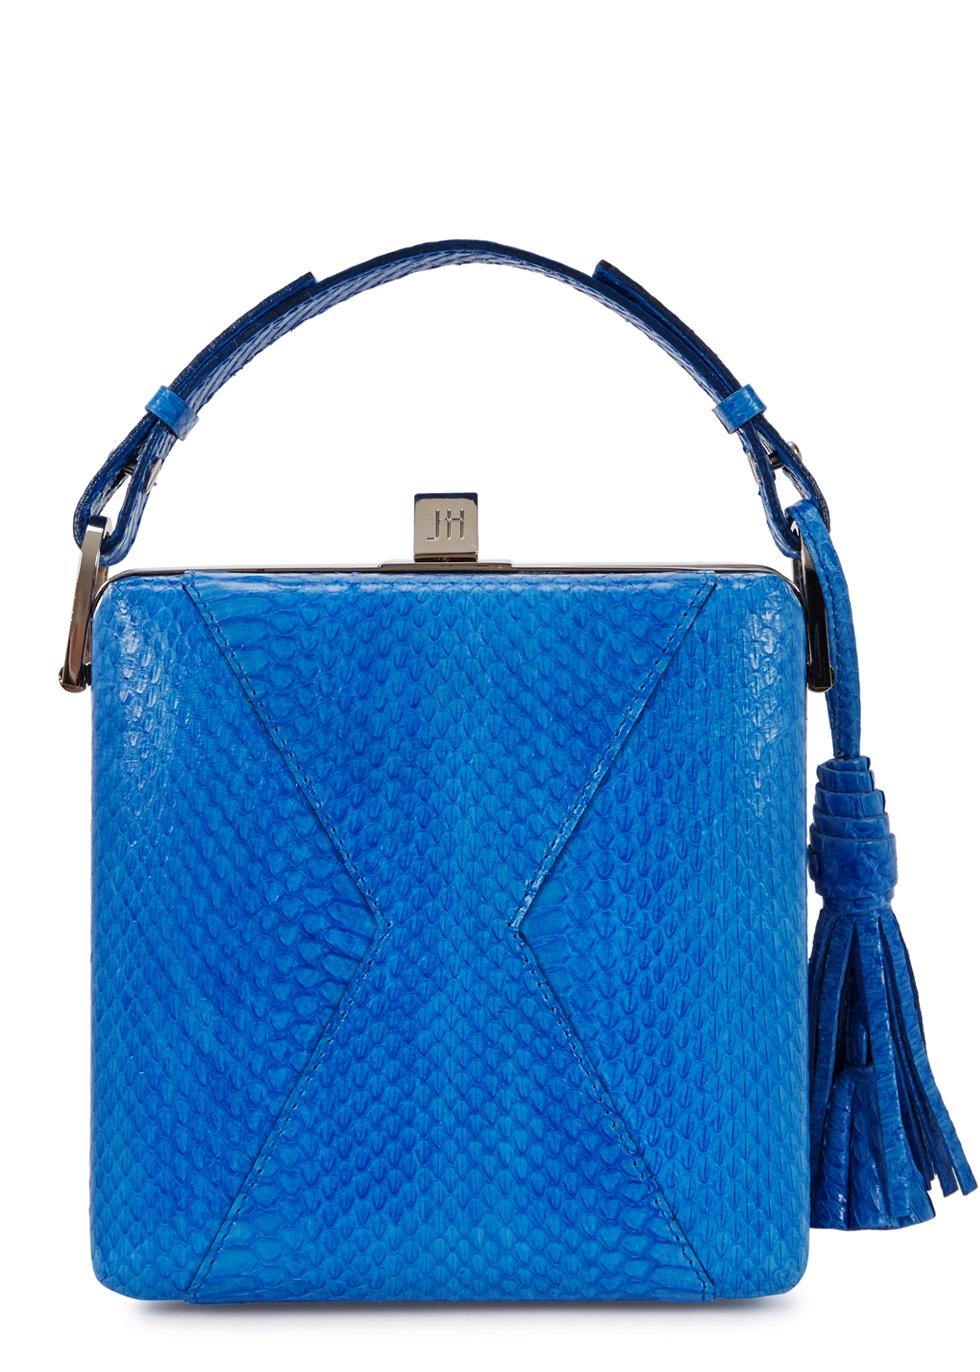 JILL HABER CHARLES BLUE ELAPHE BOX BAG